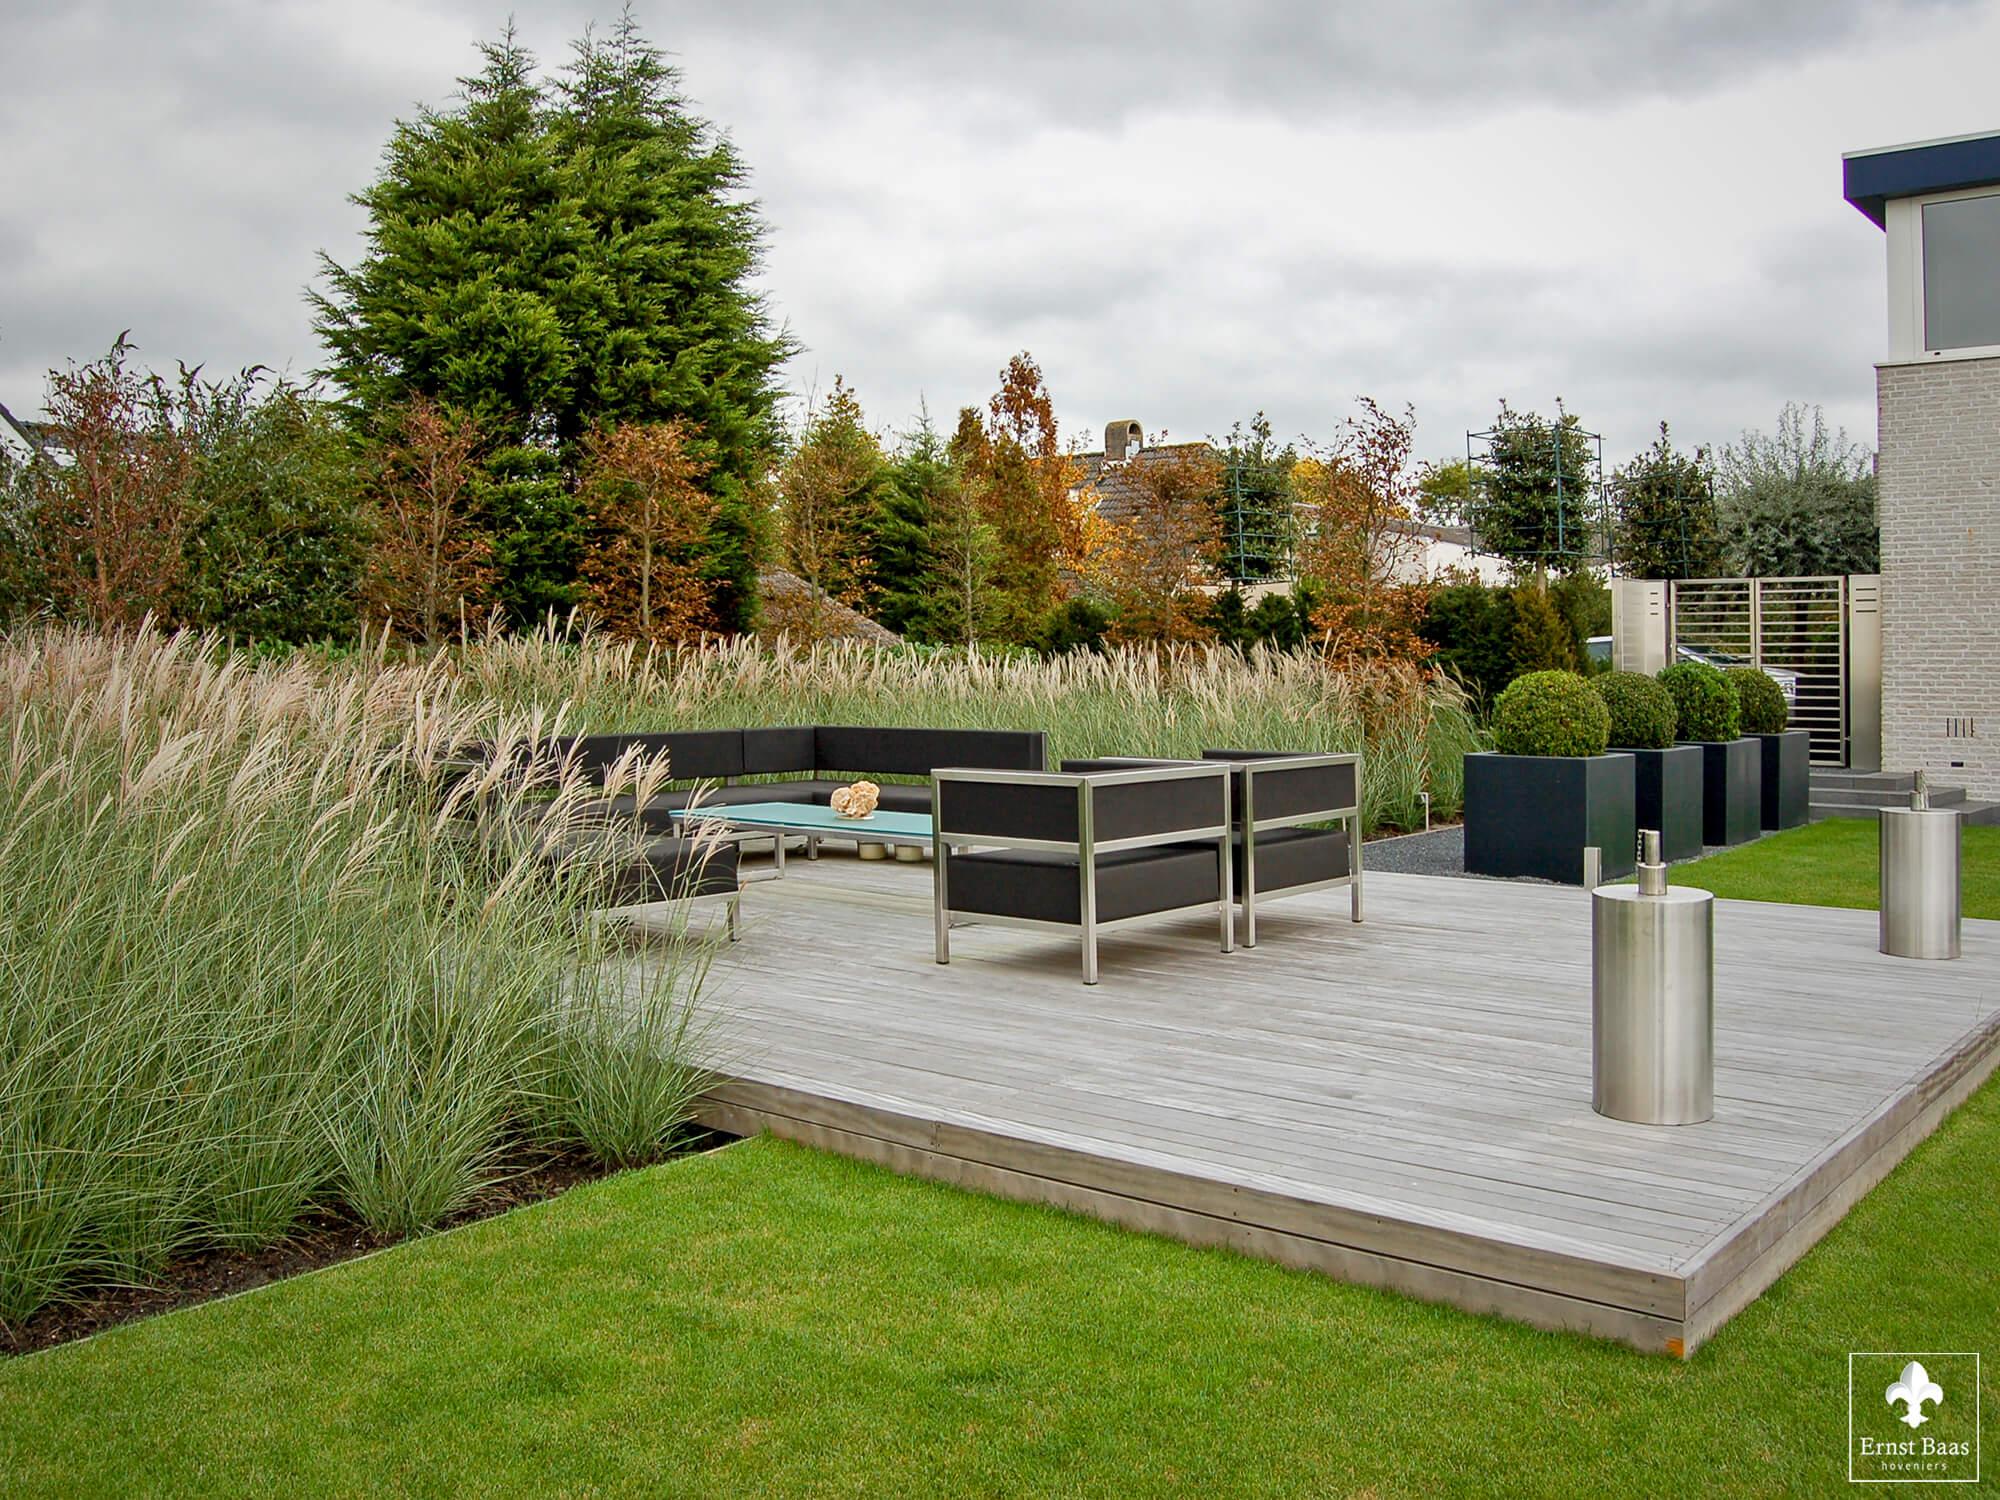 Grote Moderne Tuin : Grote tuinen kleine tuinen ernst baas hoveniersbedrijf in